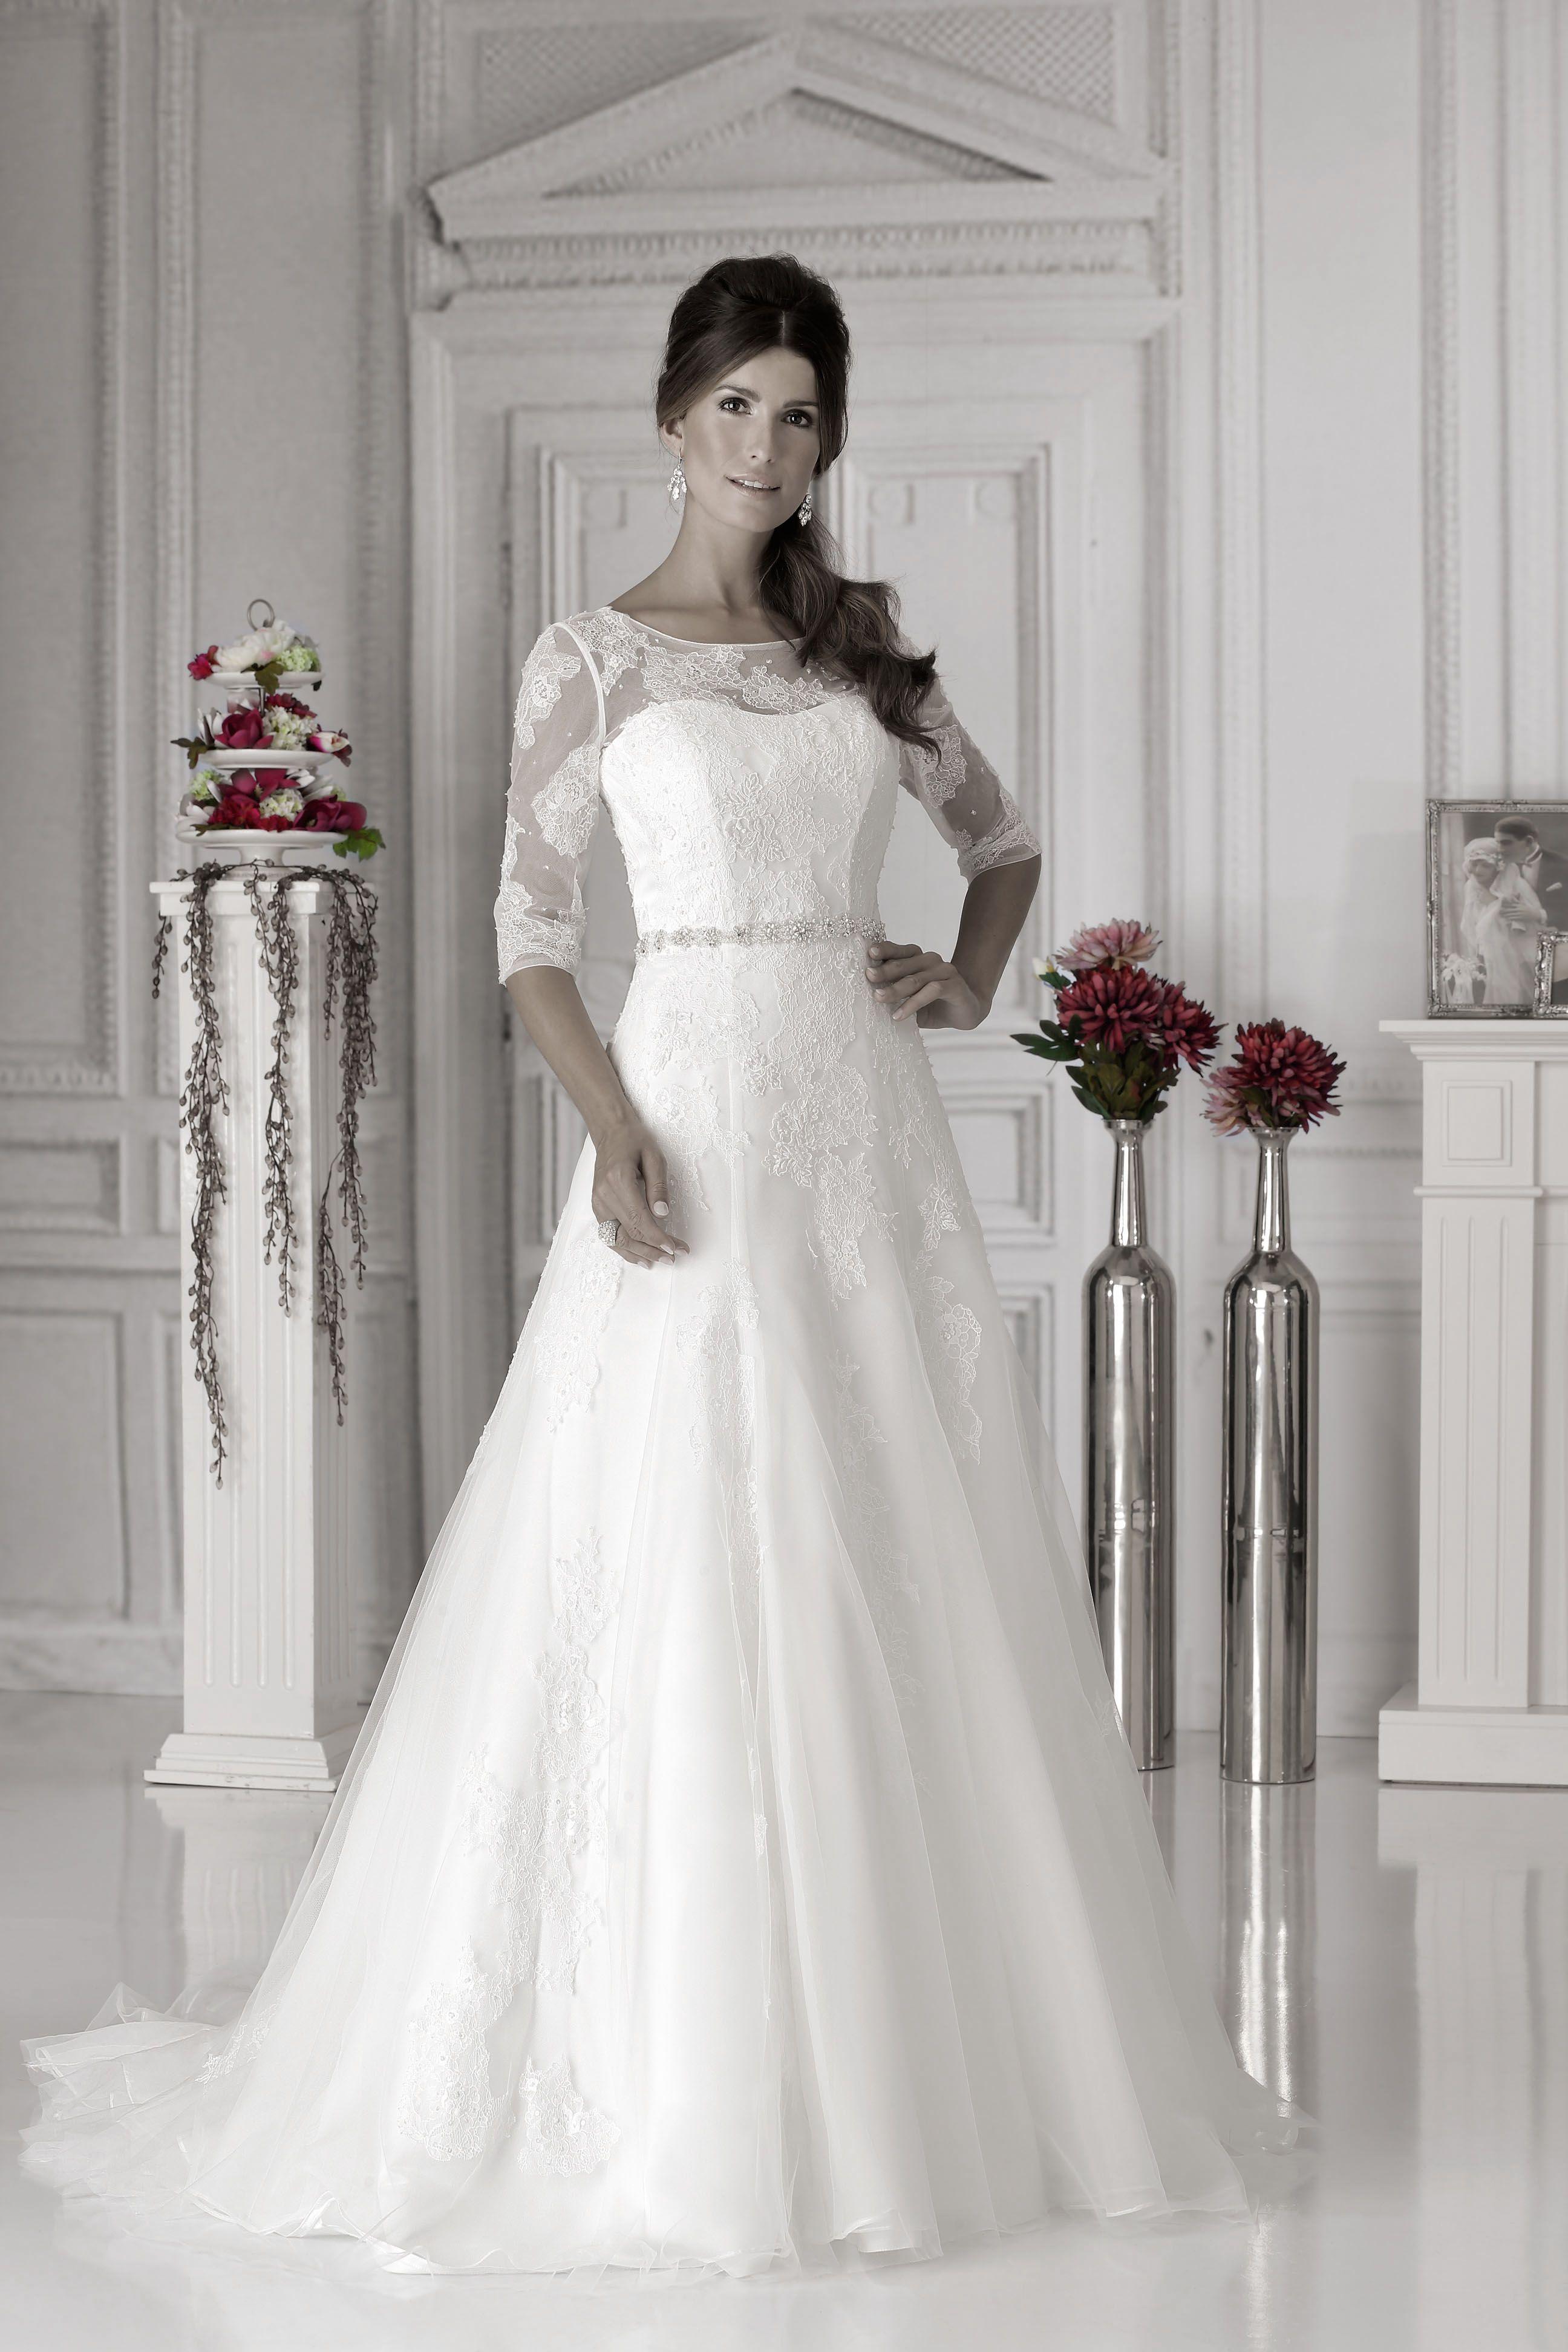 PU6803 Wedding dresses, bridal gowns, bruidsjurken, trouwjurken ...